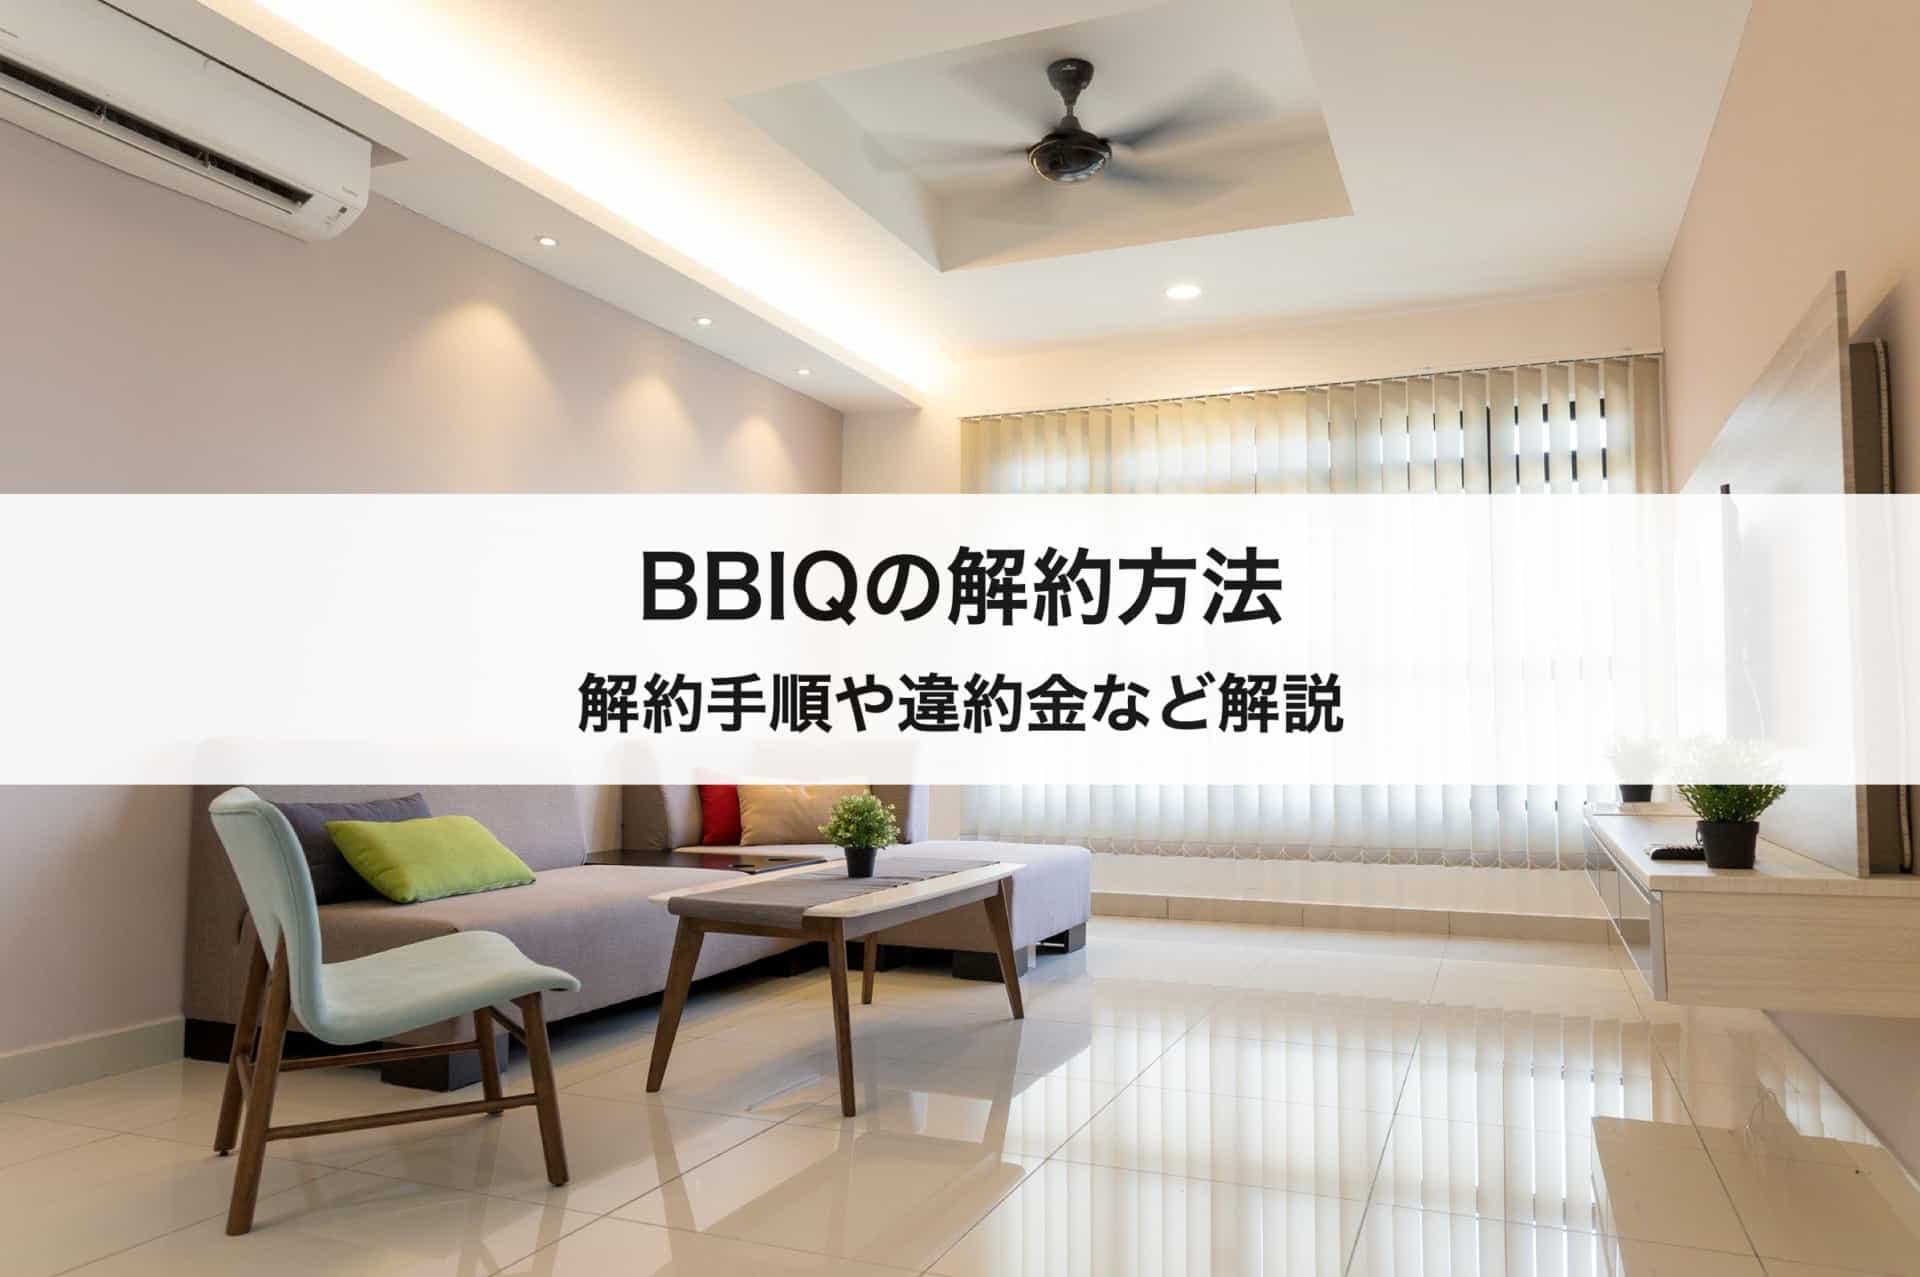 BBIQ(ビビック)光の解約方法|具体的な解約手順から違約金、おすすめの乗り換え先も紹介します!